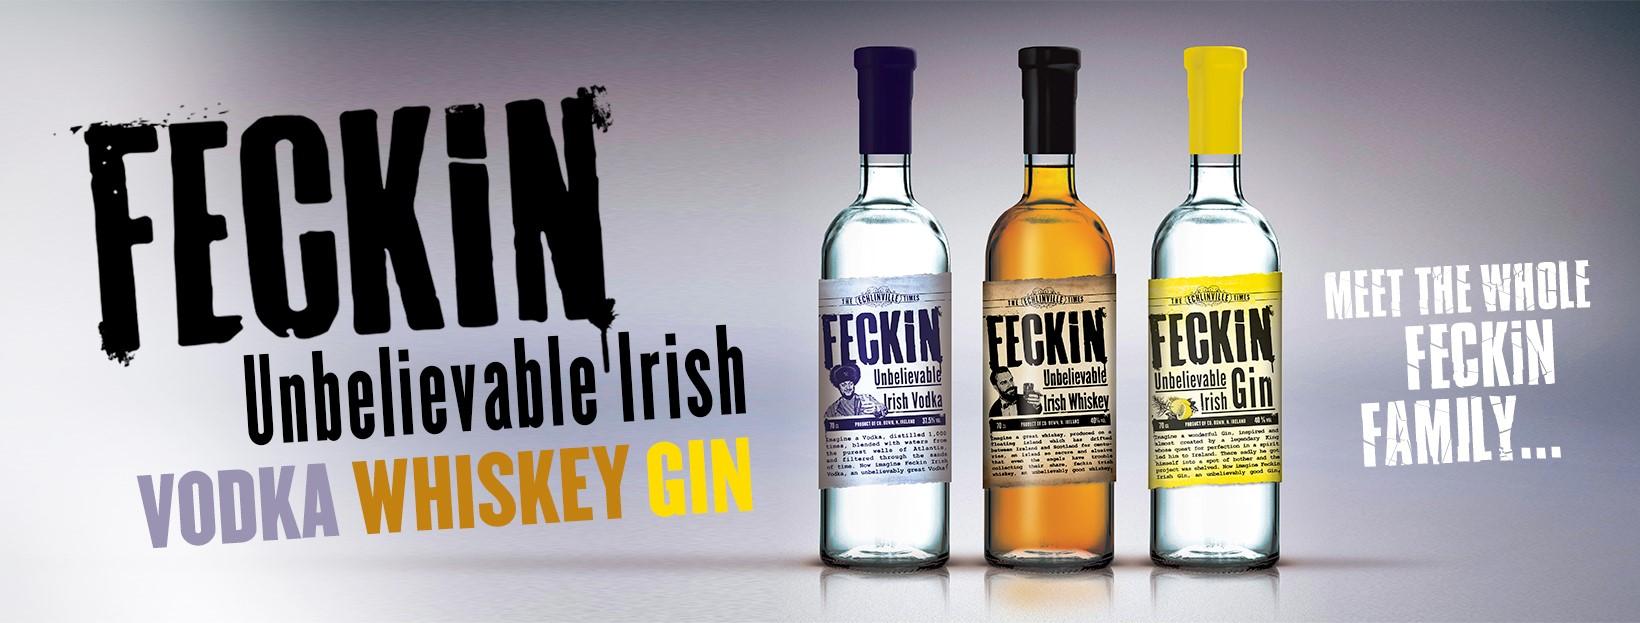 Feckin banner logo with three bottles